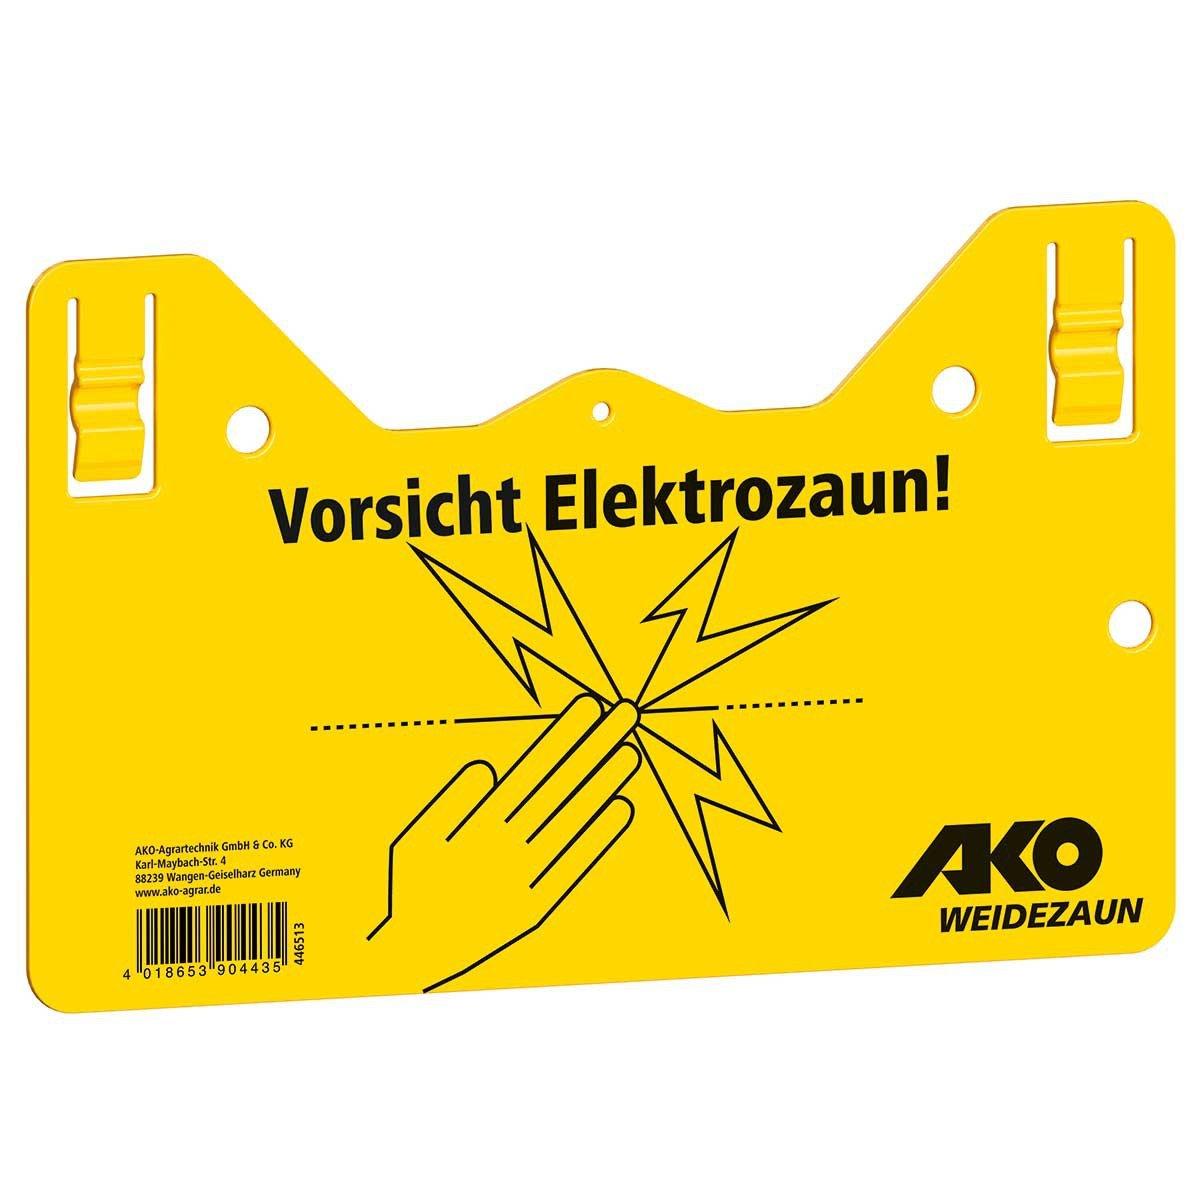 """1 x Warnschild /"""" Vorsicht Elektrozaun /""""  Schild  Weidezaun"""